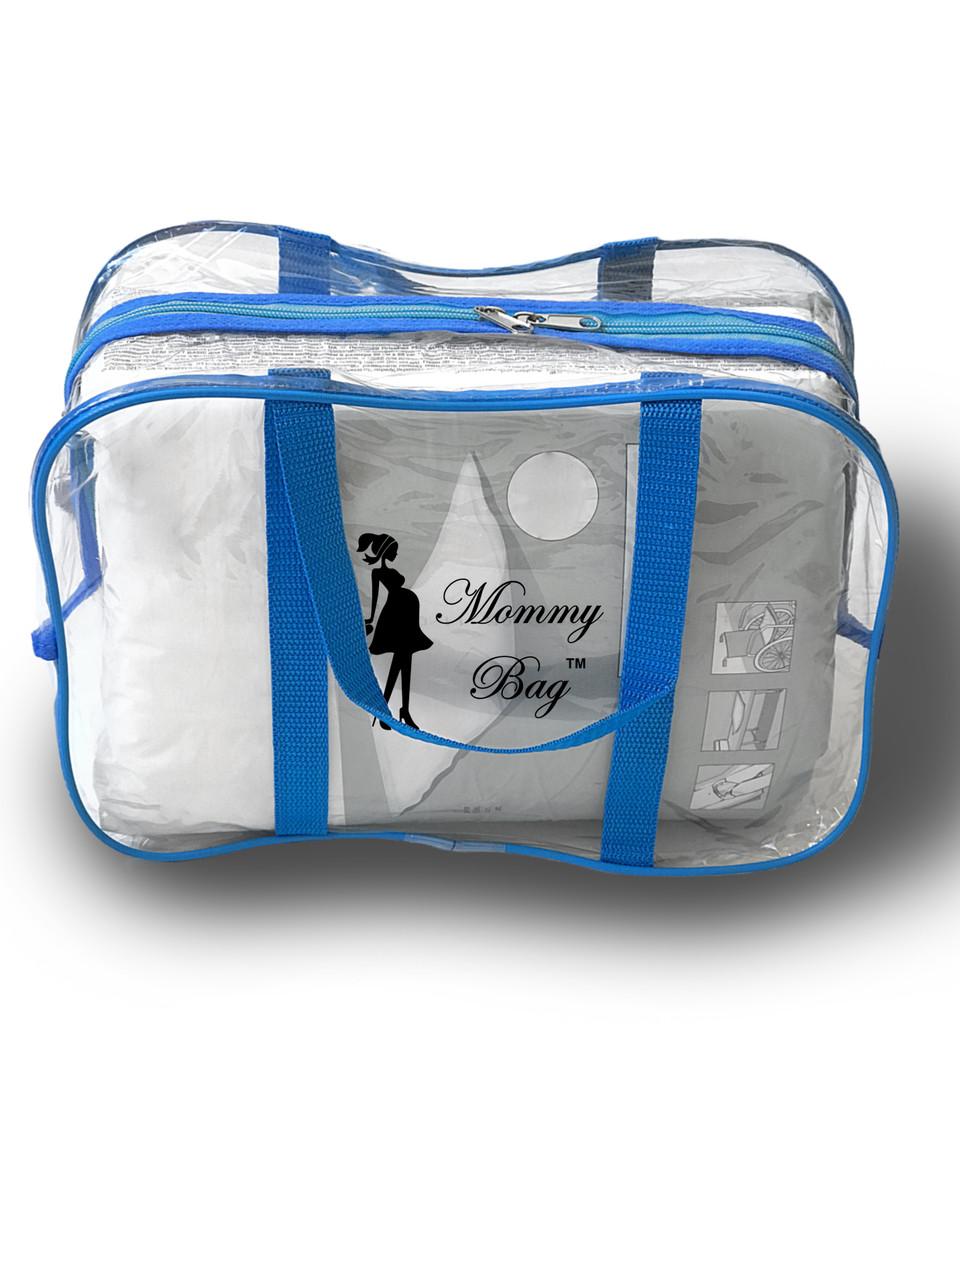 Сумка прозрачная в роддом Mommy Bag - S - 31*21*14 см Синяя